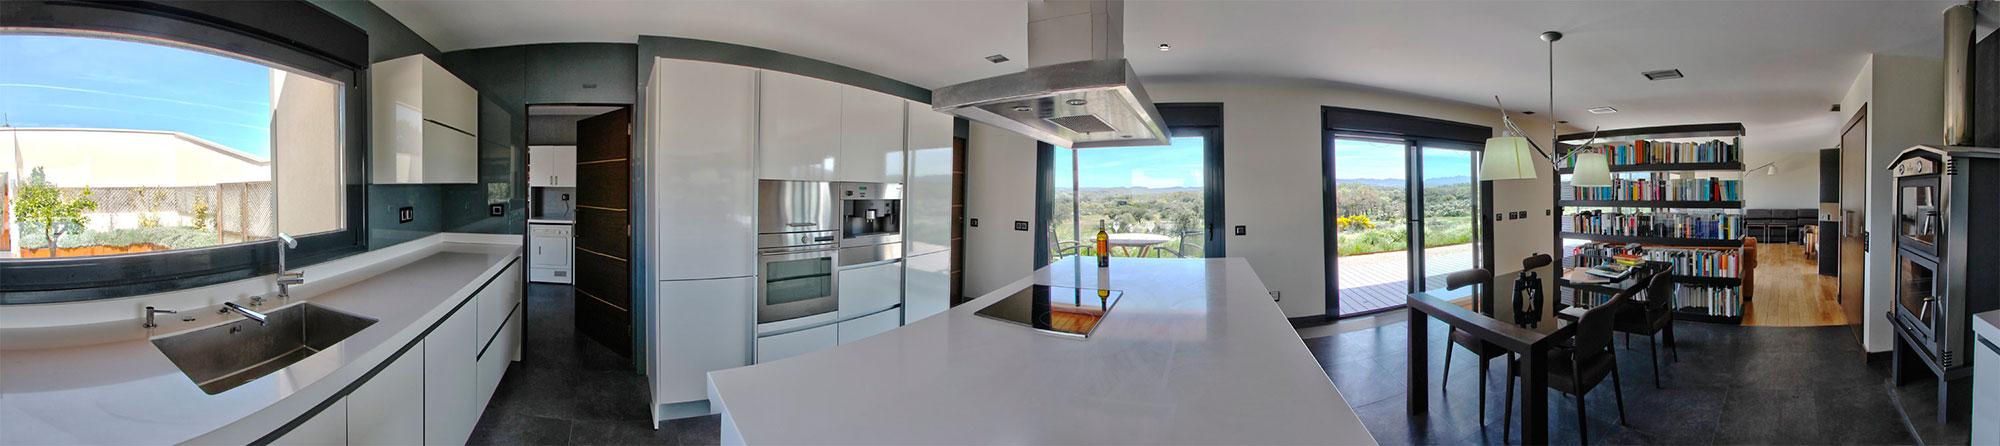 Casa corten h canexel - Presupuesto cocina completa ...